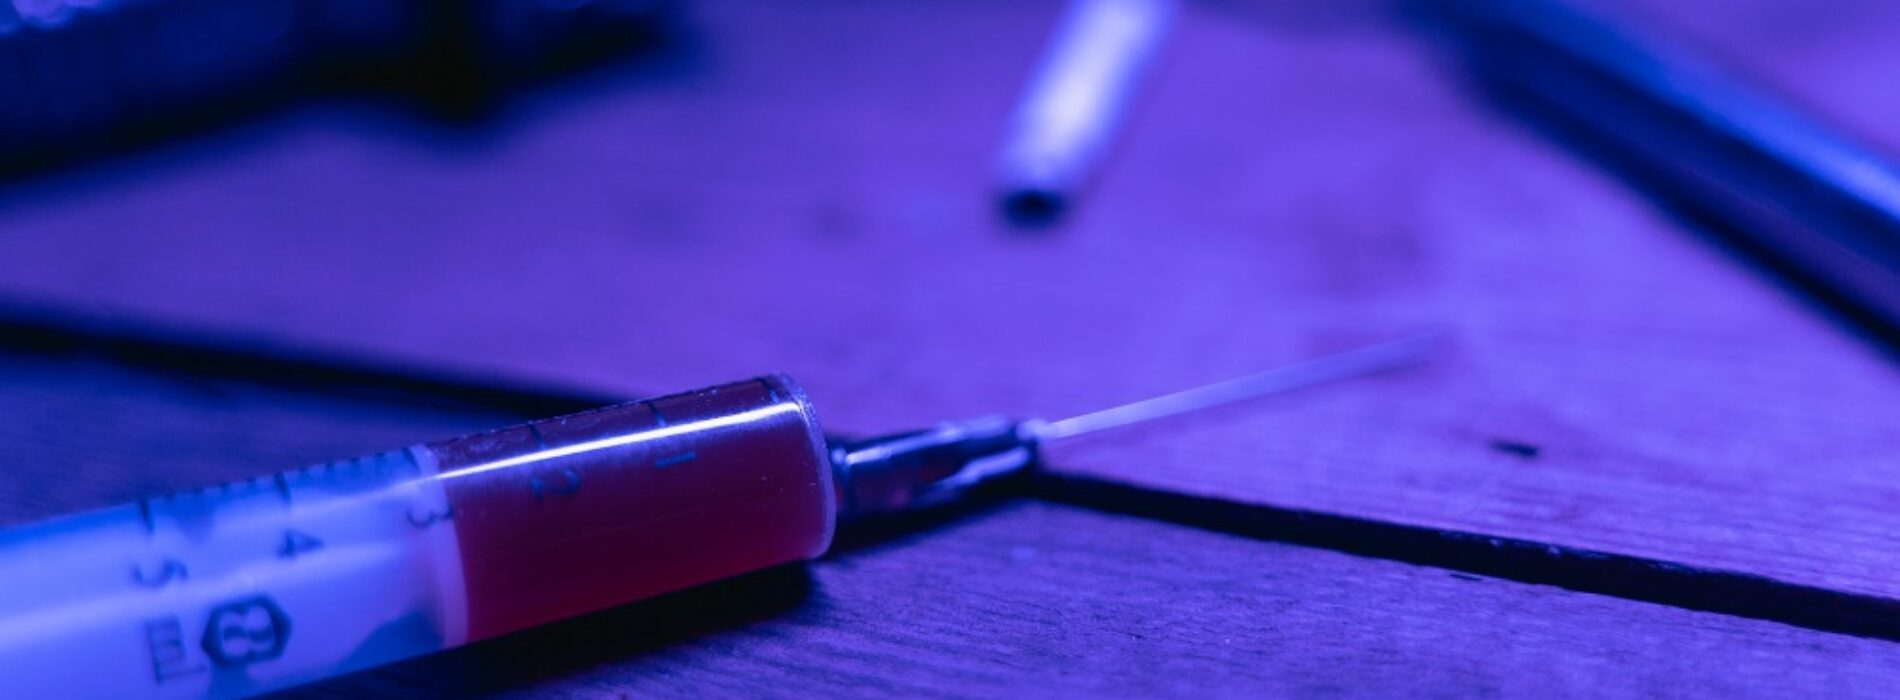 Jak przeprowadzić detoks narkotykowy w bezpieczny sposób?